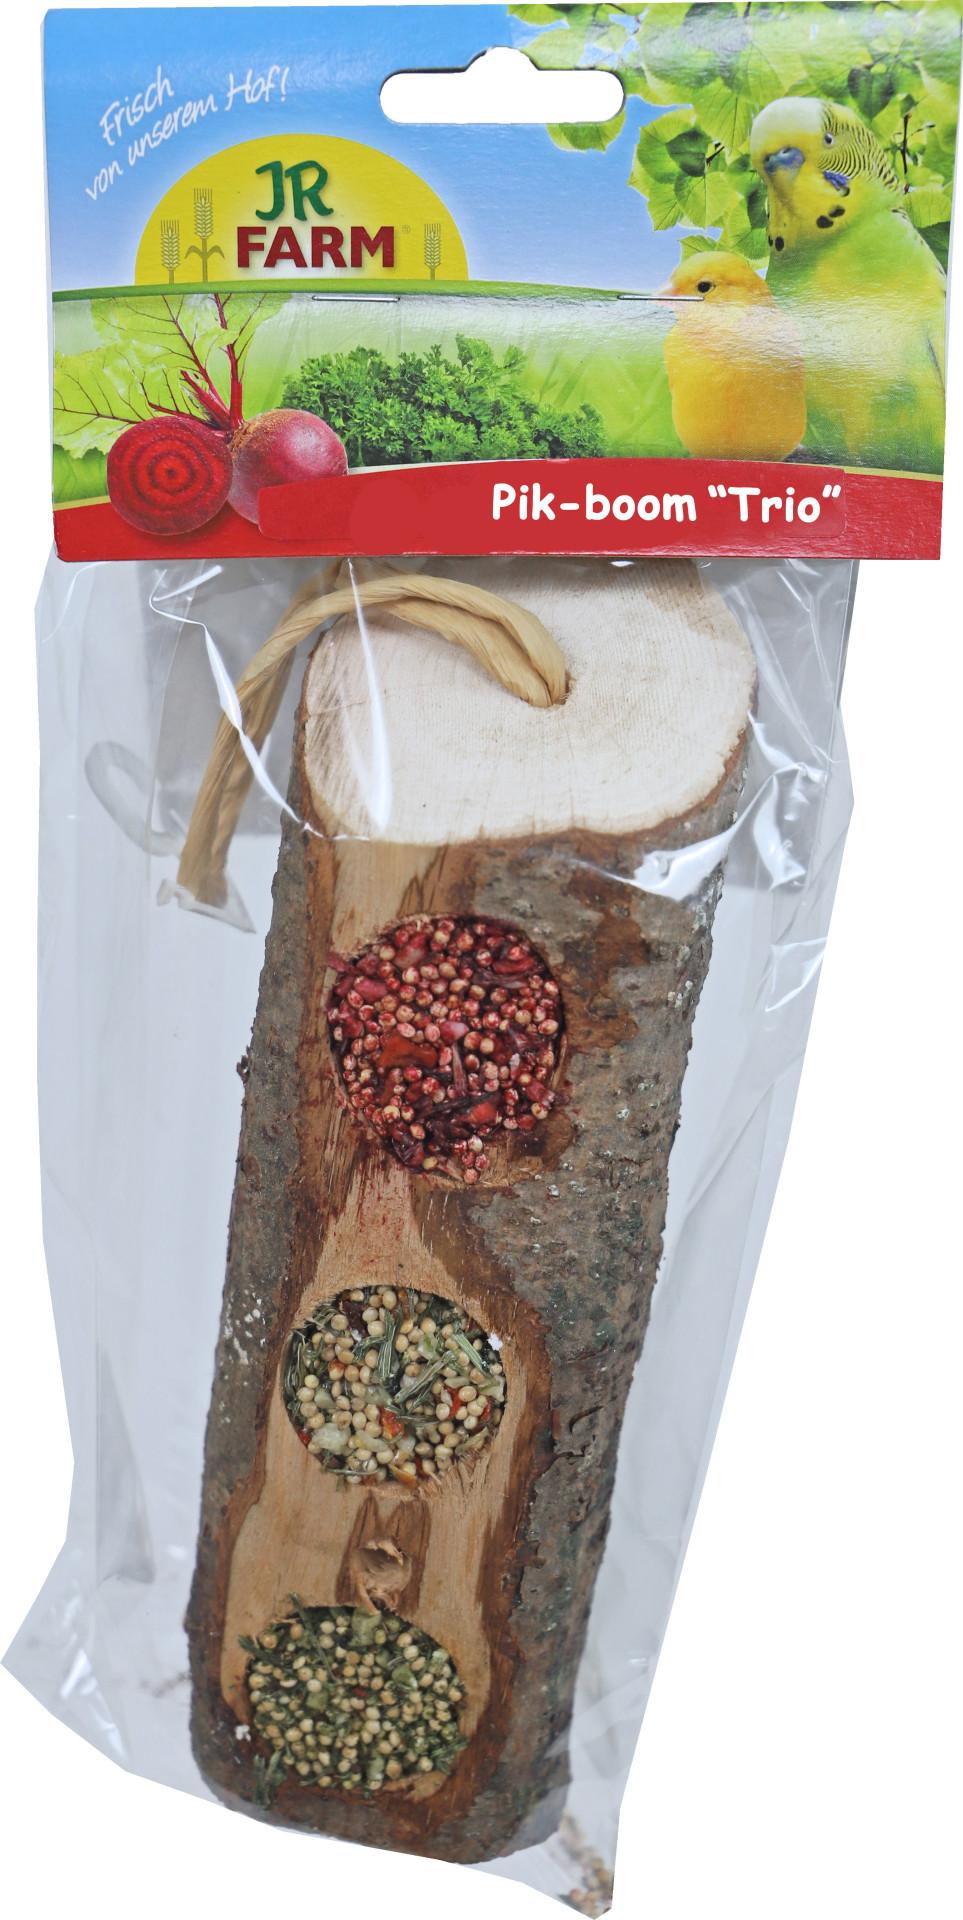 JR Farm pikboom Trio 200 gr